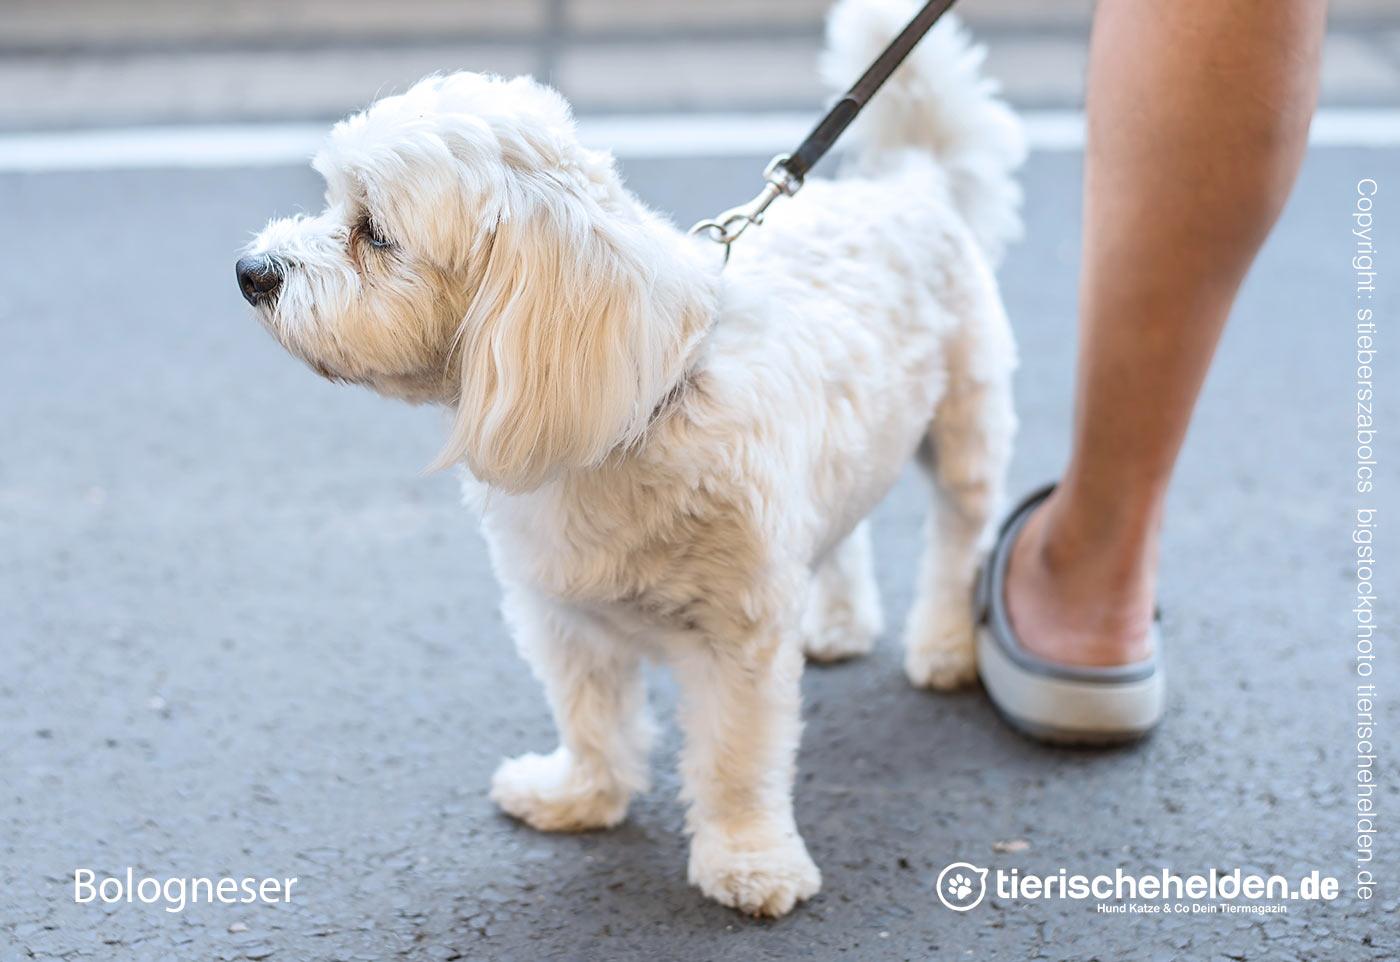 Bologneser Hund